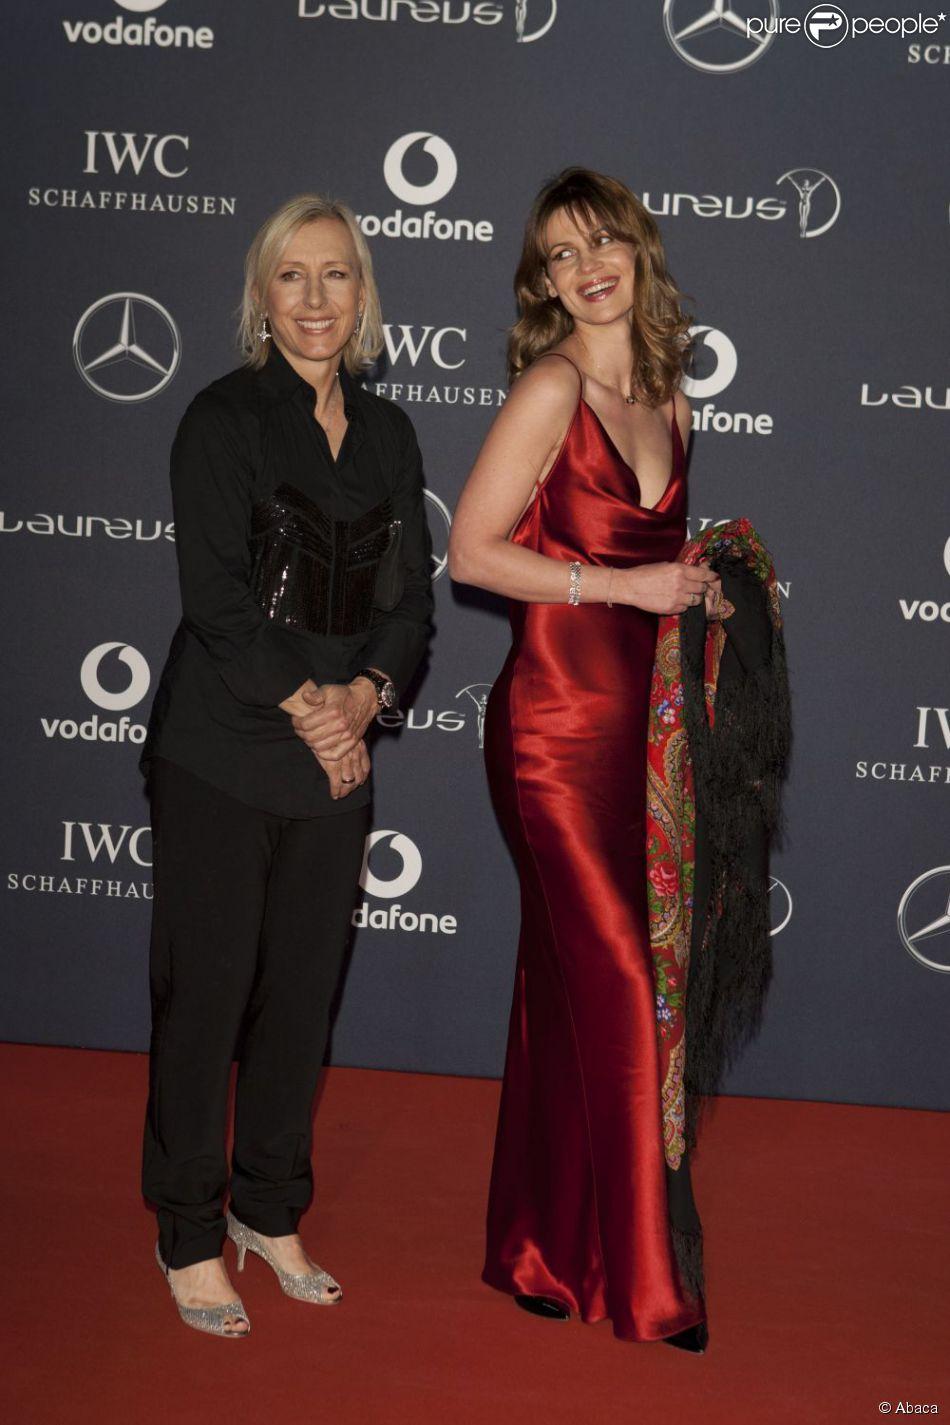 Martina Navratilova And Julia Lemigova